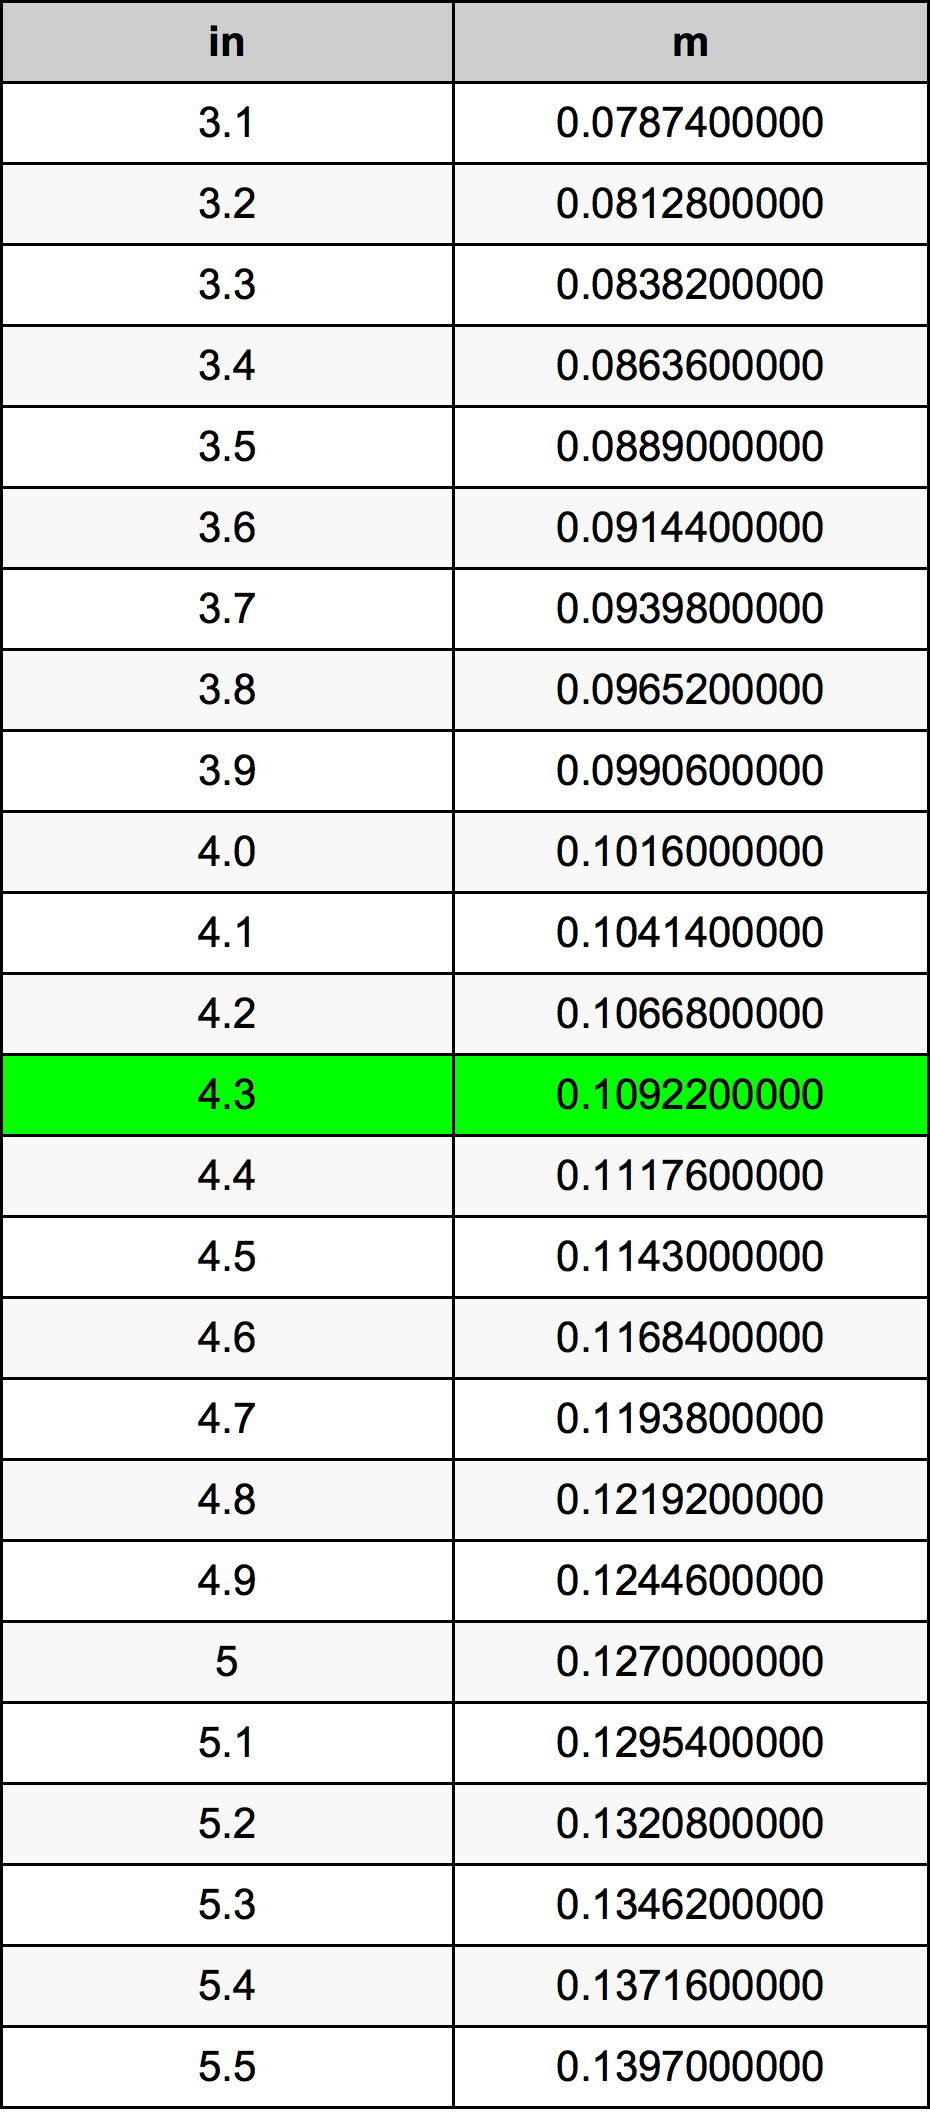 4.3 Țol tabelul de conversie